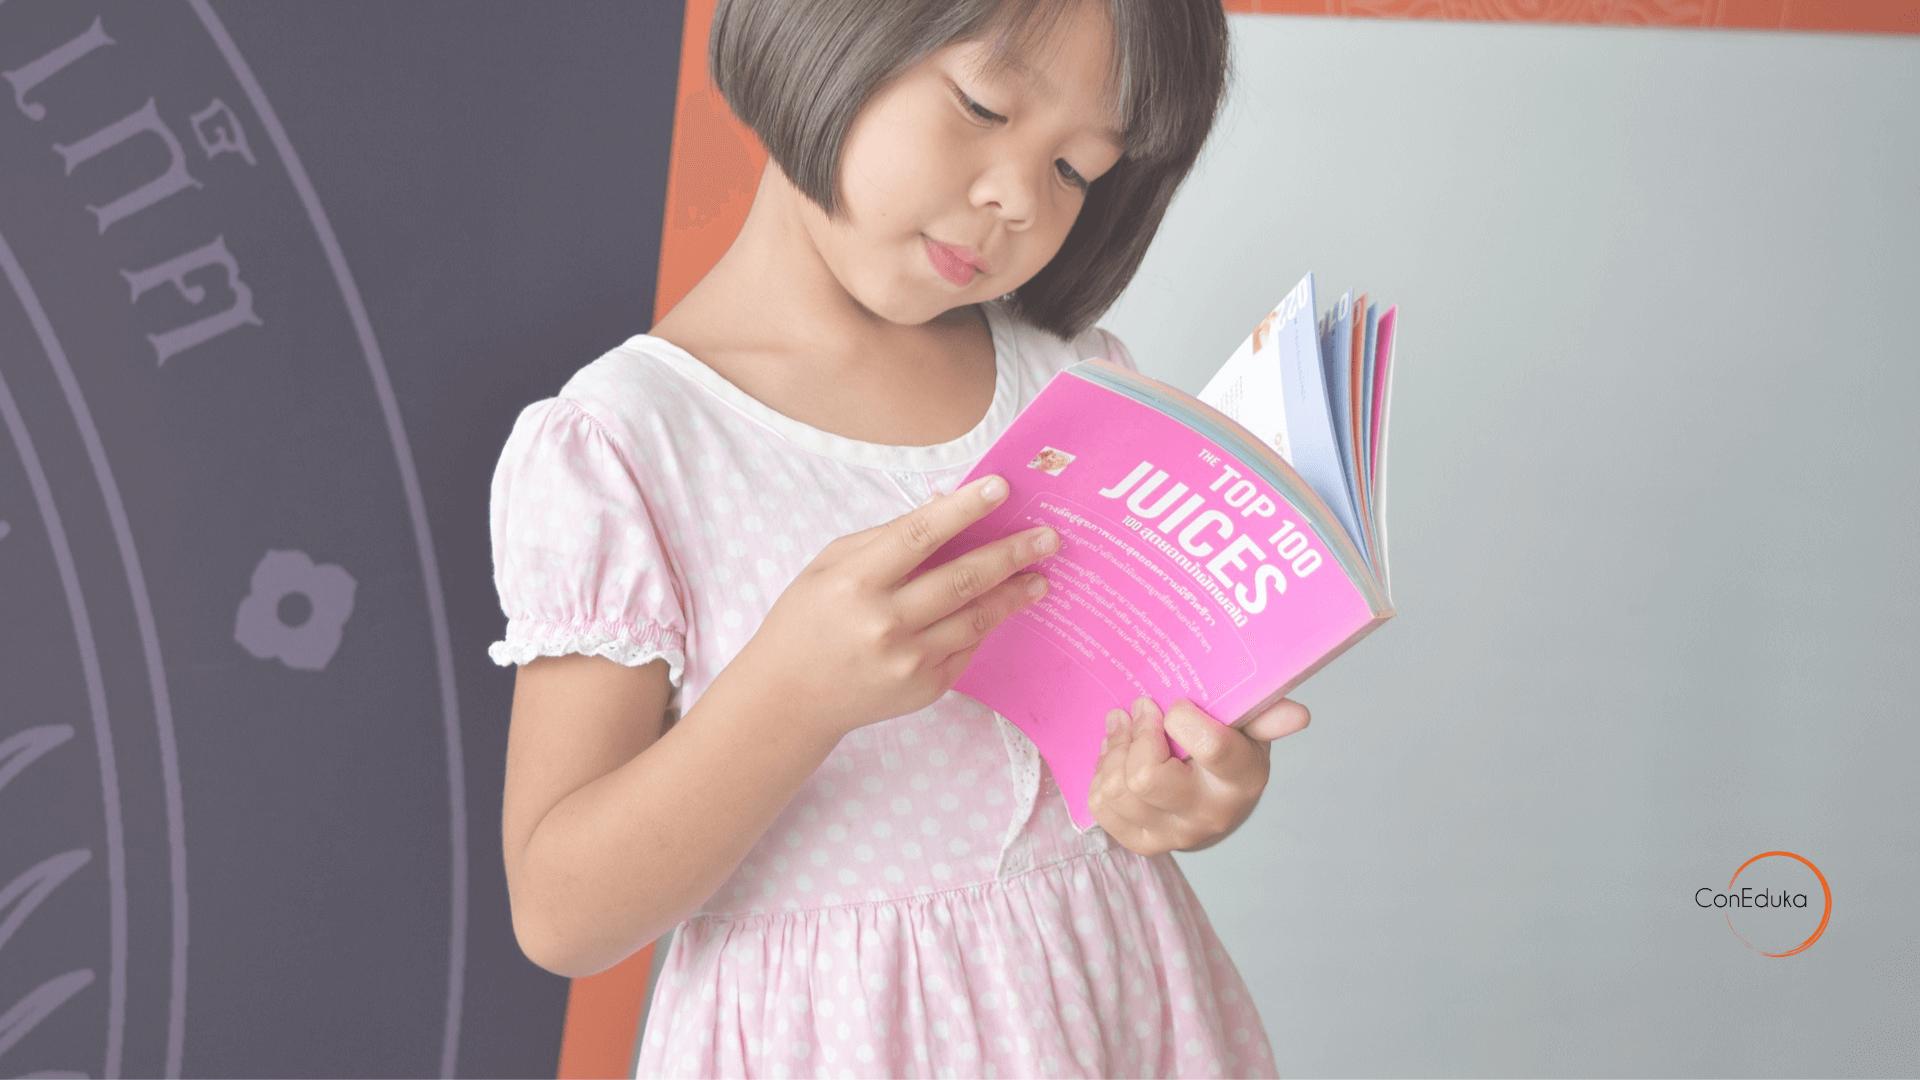 los beneficios de la lectura en los niños